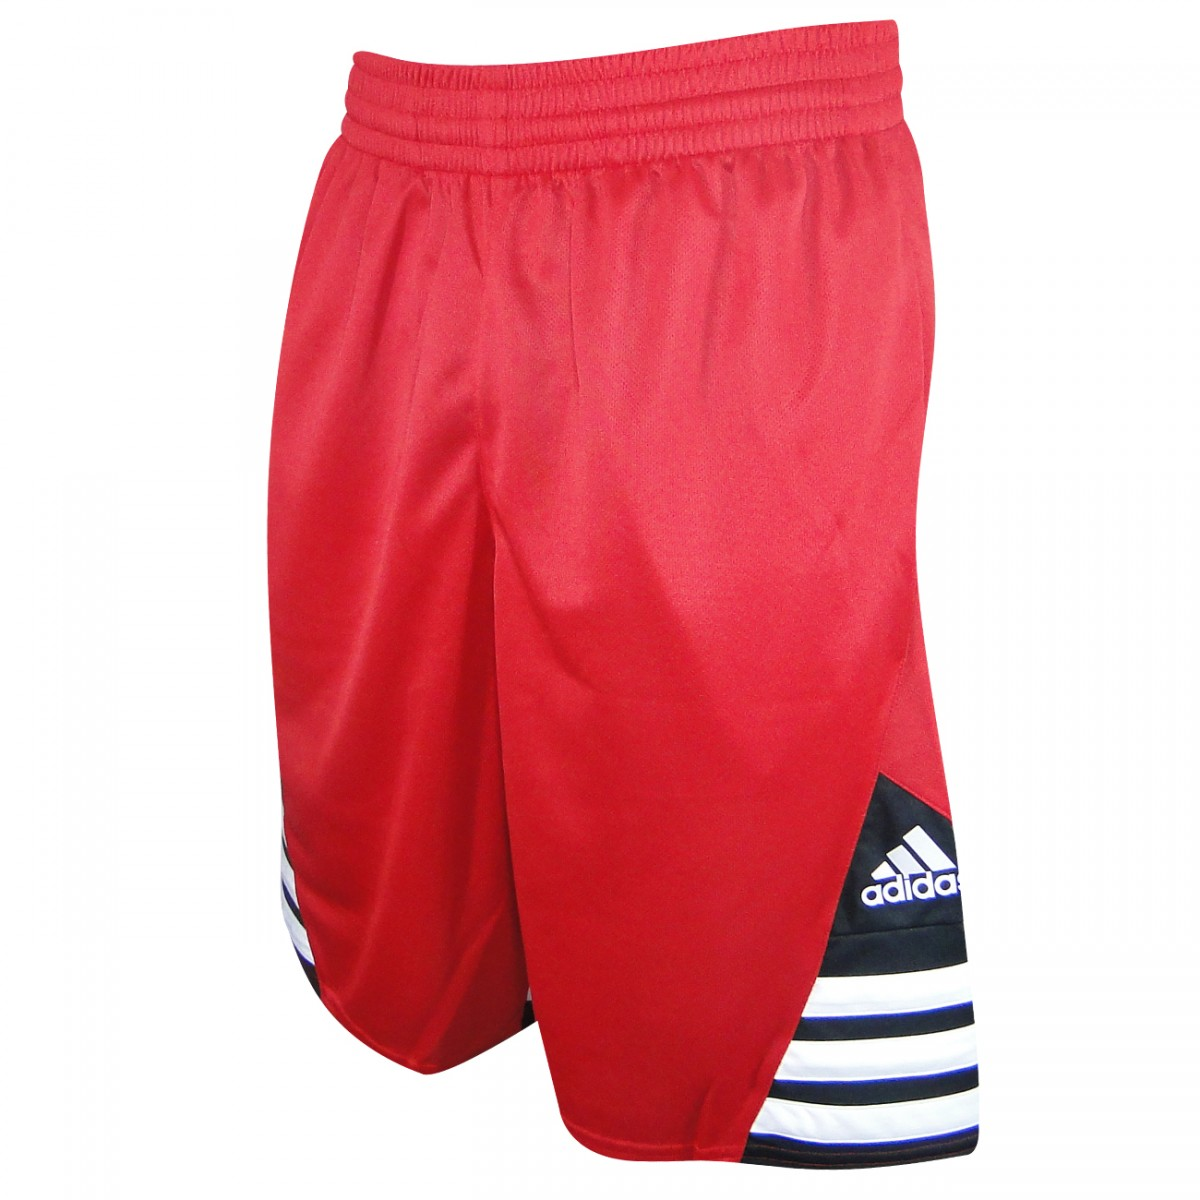 52efedeb8 Bermuda Adidas Superstar 2.0 Basquete F84473 - Vermelho/Preto ...